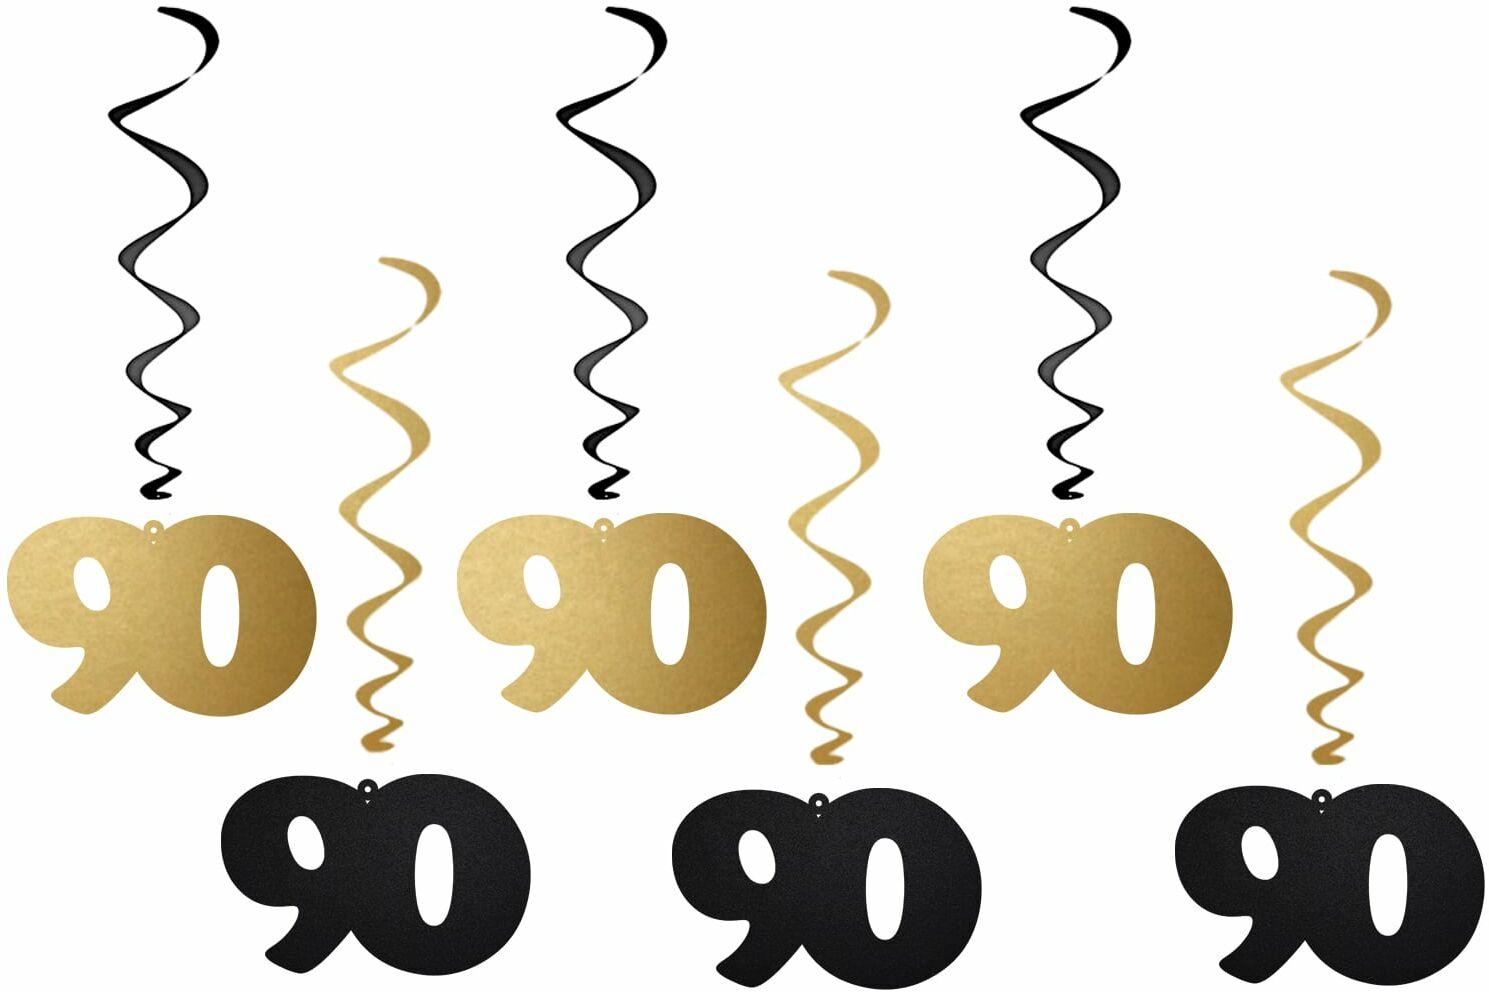 Dekoracja wisząca świderki 90 urodziny - 6 szt.